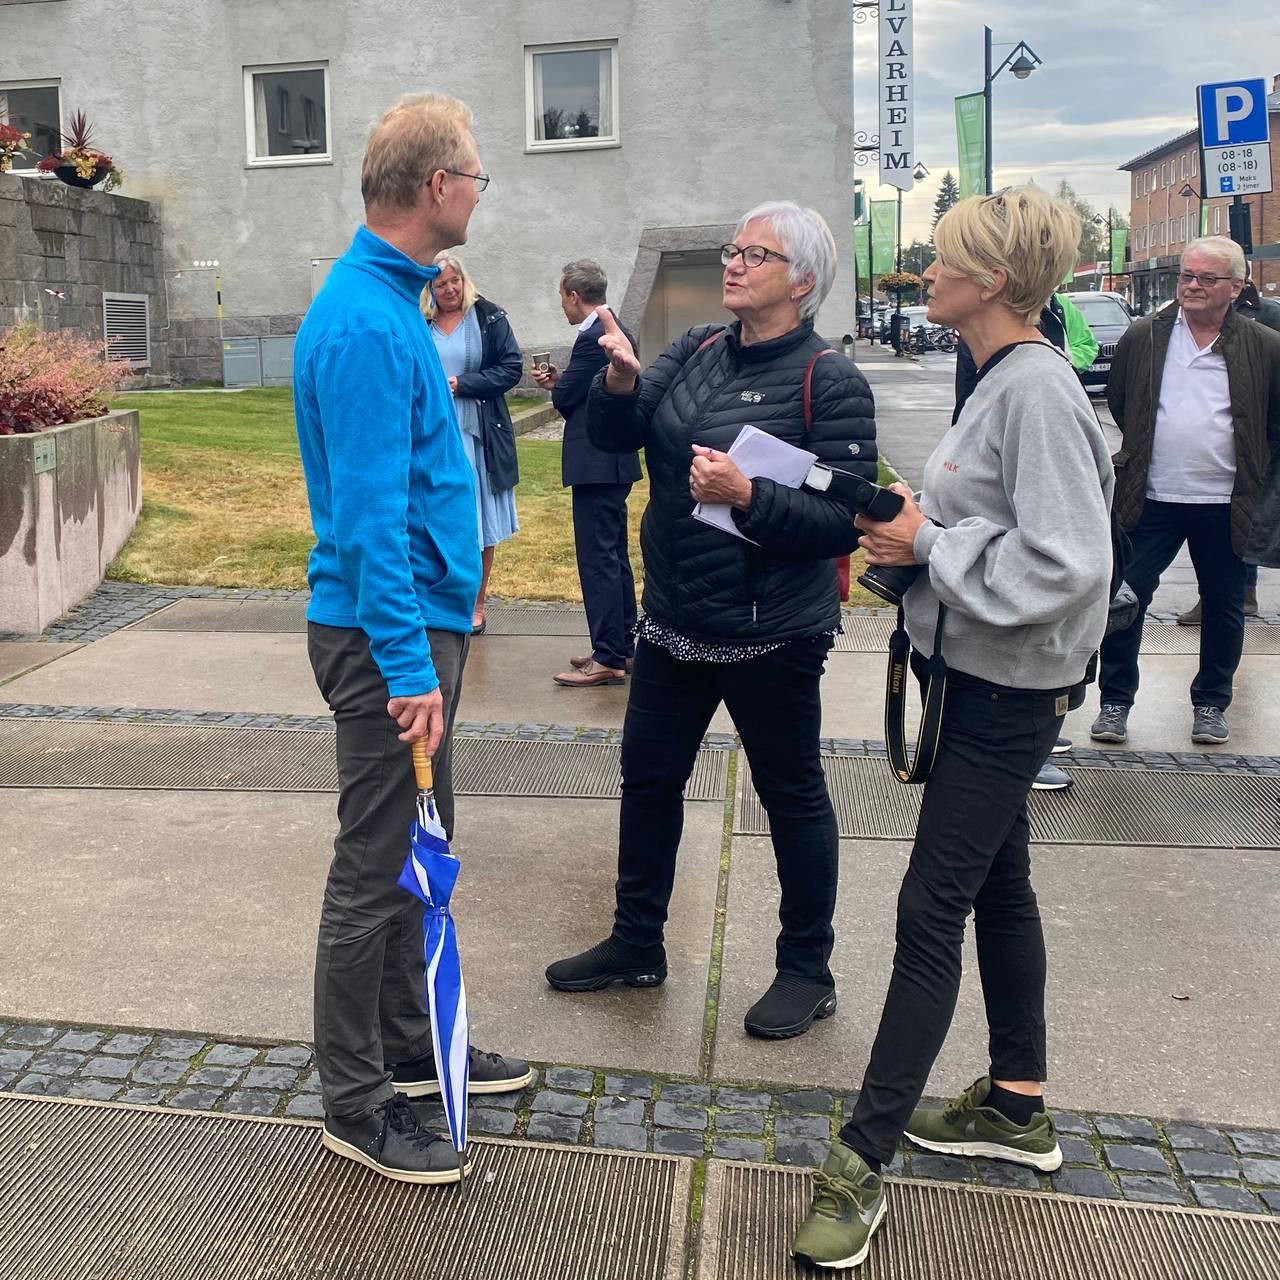 Tor Andre Johnsen snakker med pressen i Elverum